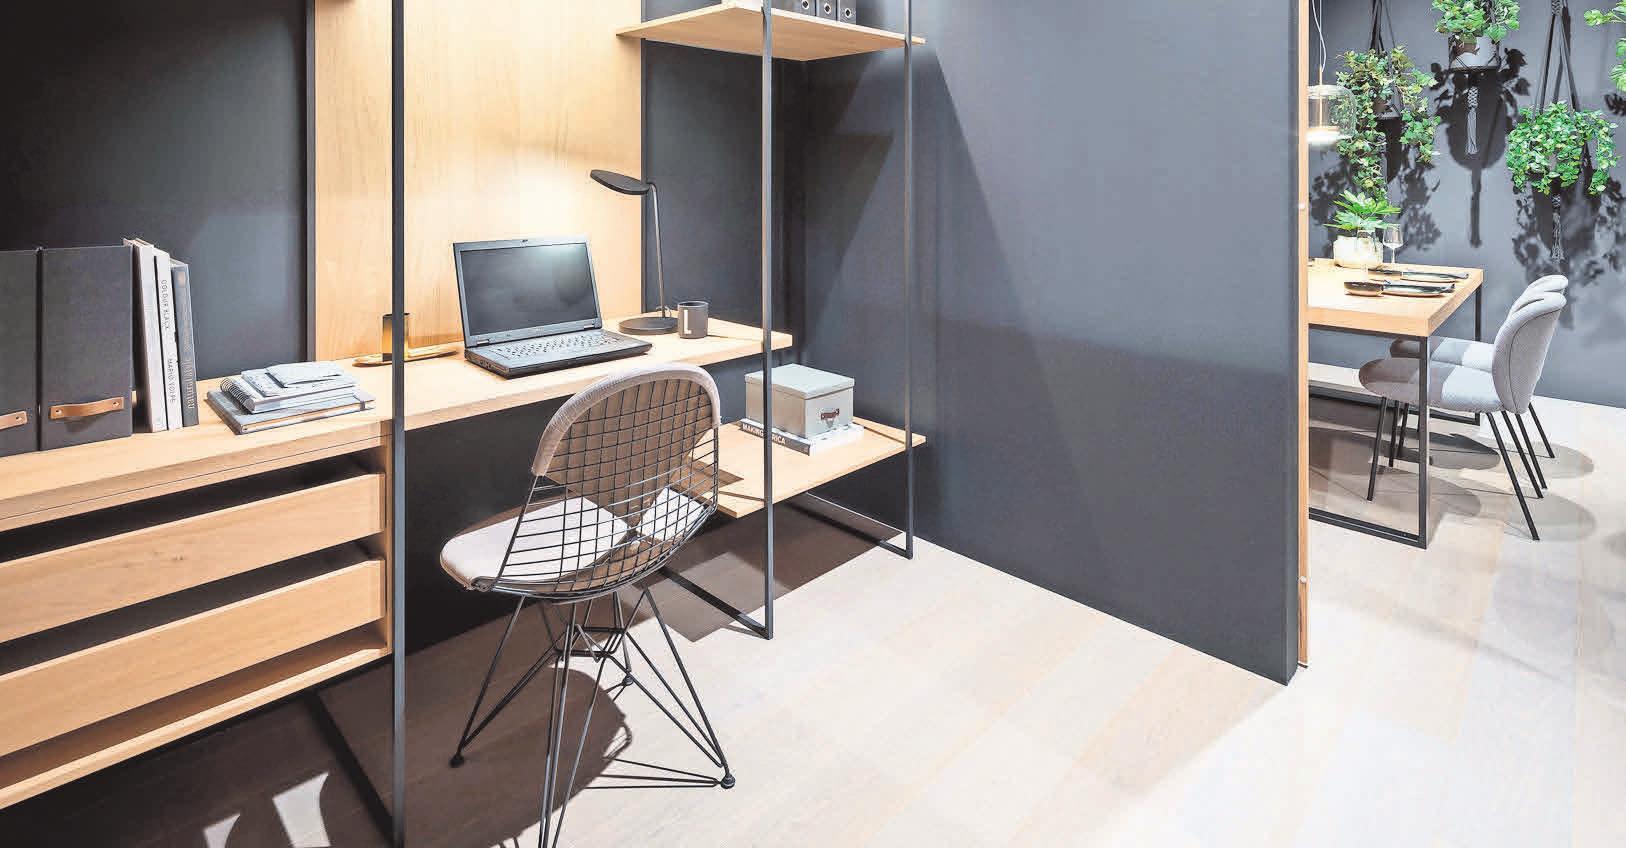 Der in den Raum integrierte Kubus wird zur Arbeitsecke. Foto: Constantin Meyer/dpa-Magazin